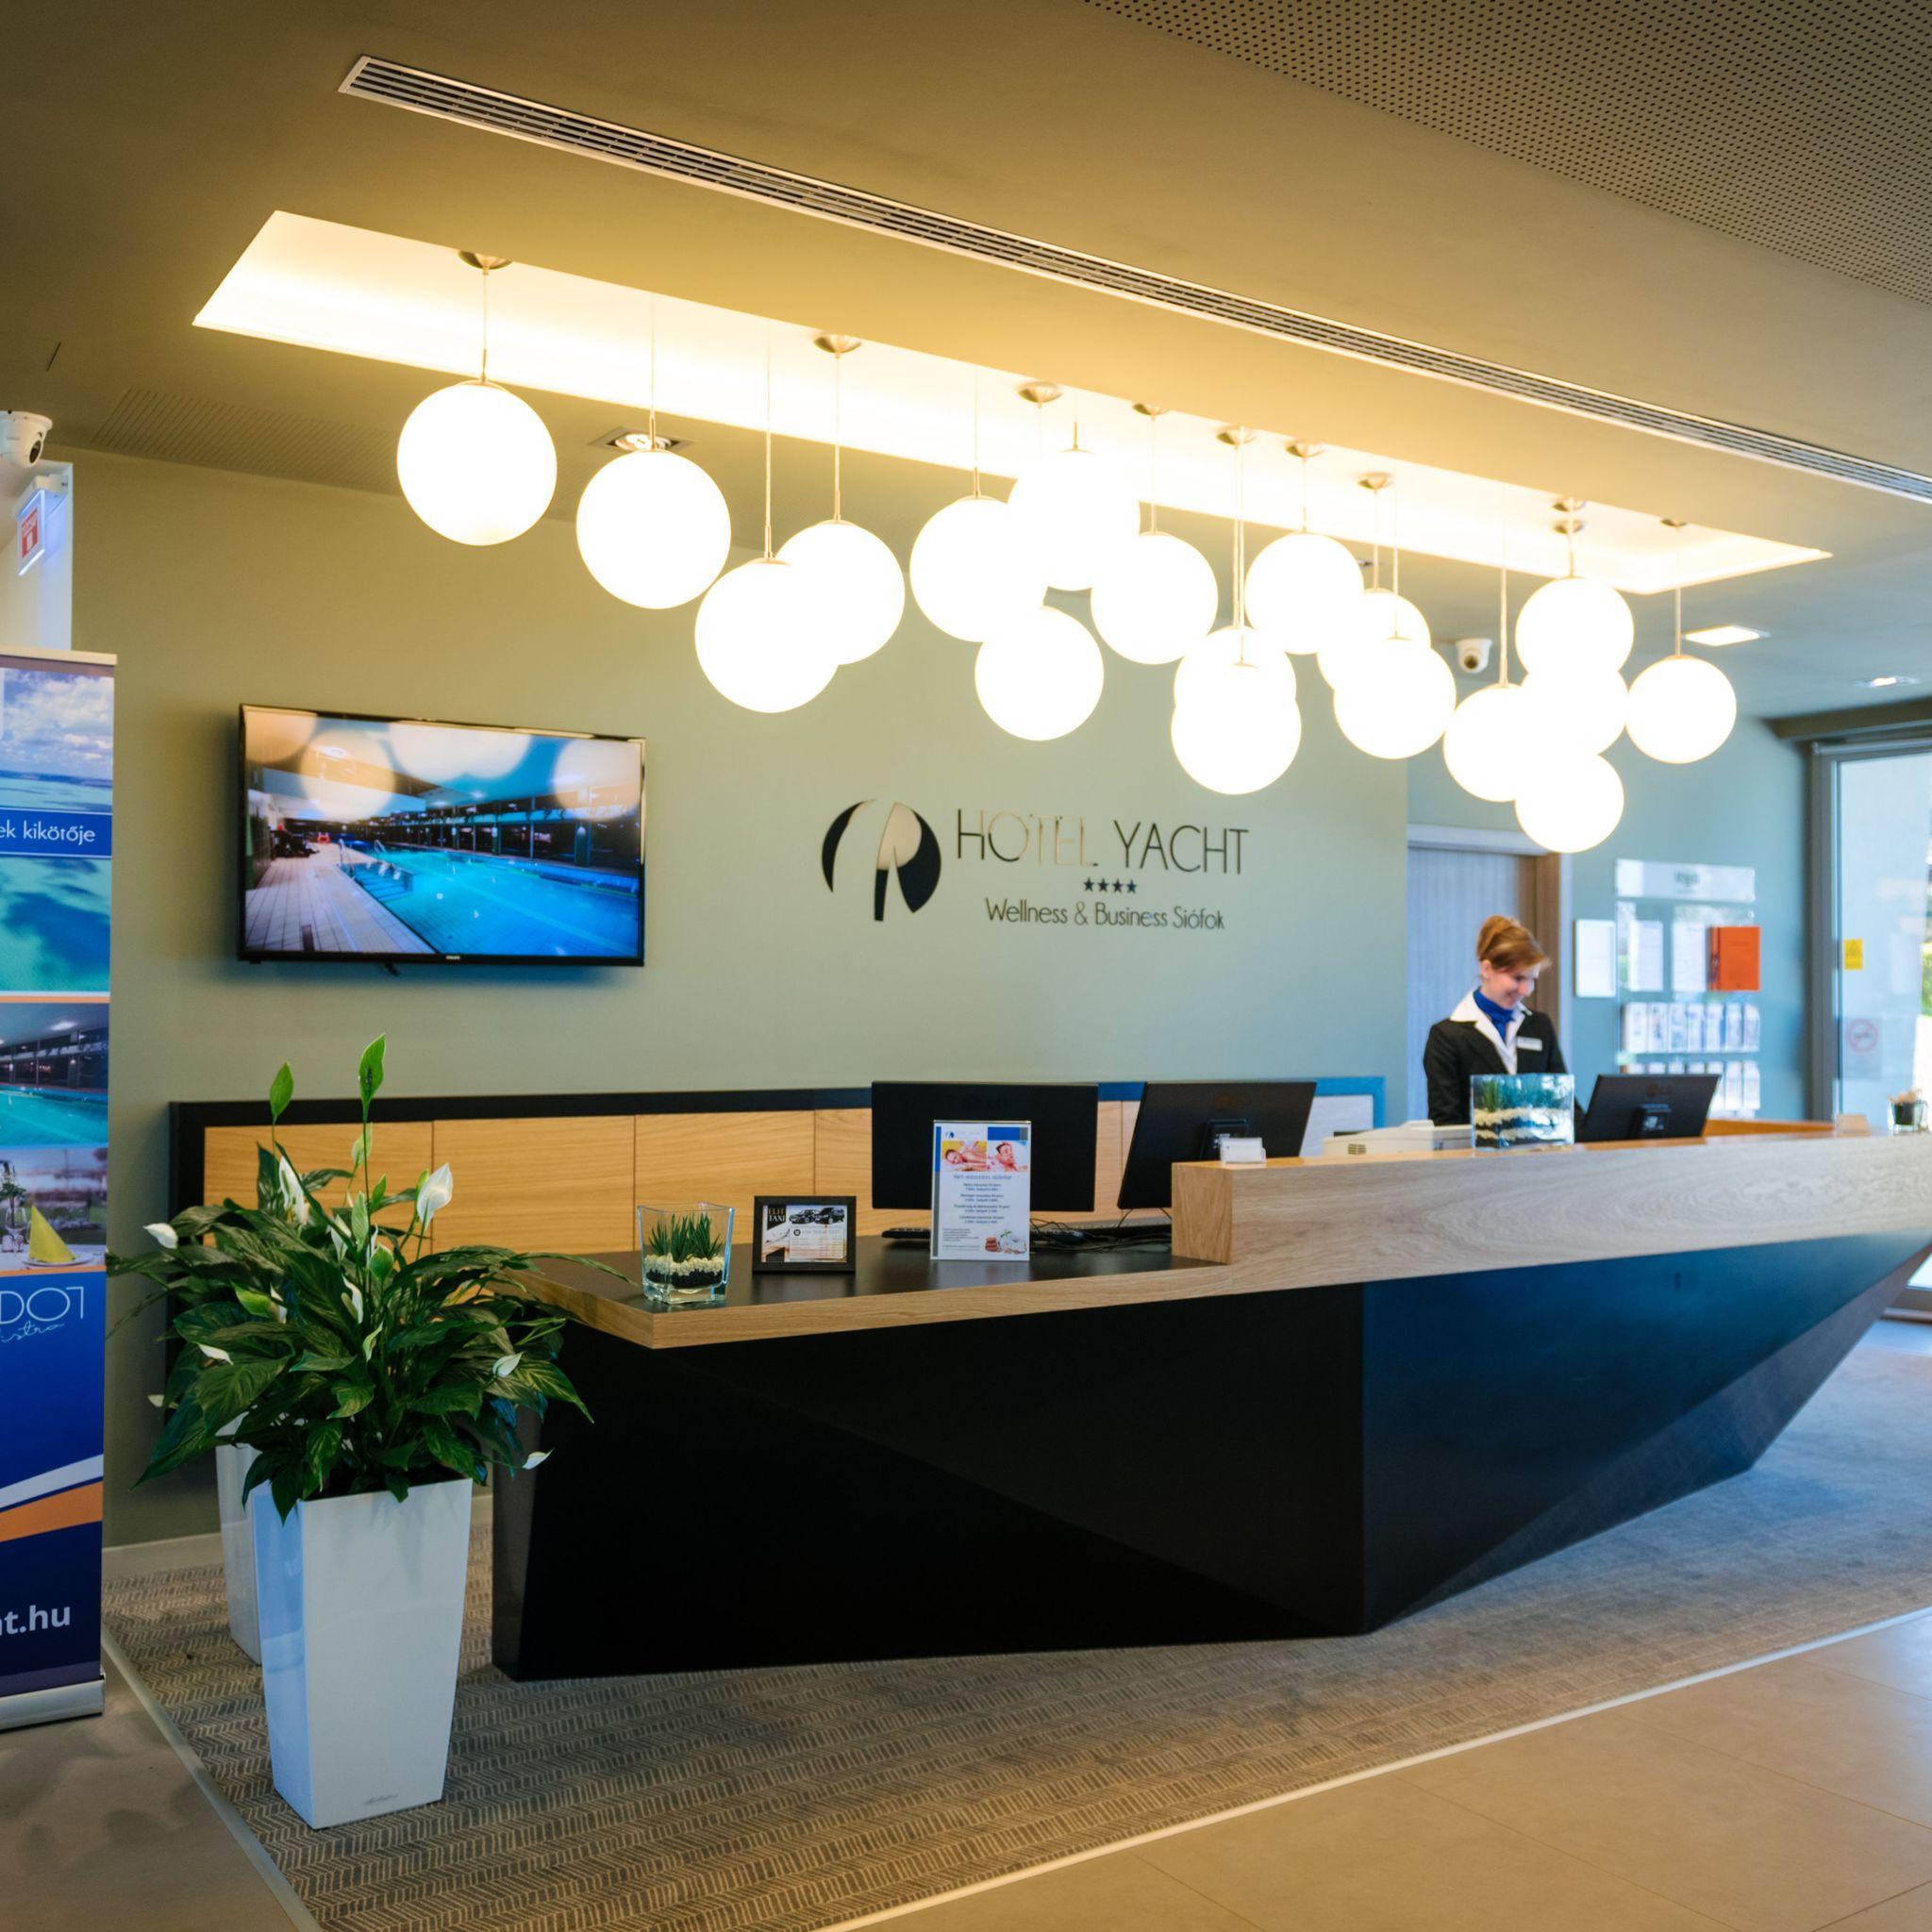 Hotel Yacht Wellness & Business Siófok - Szálloda recepció